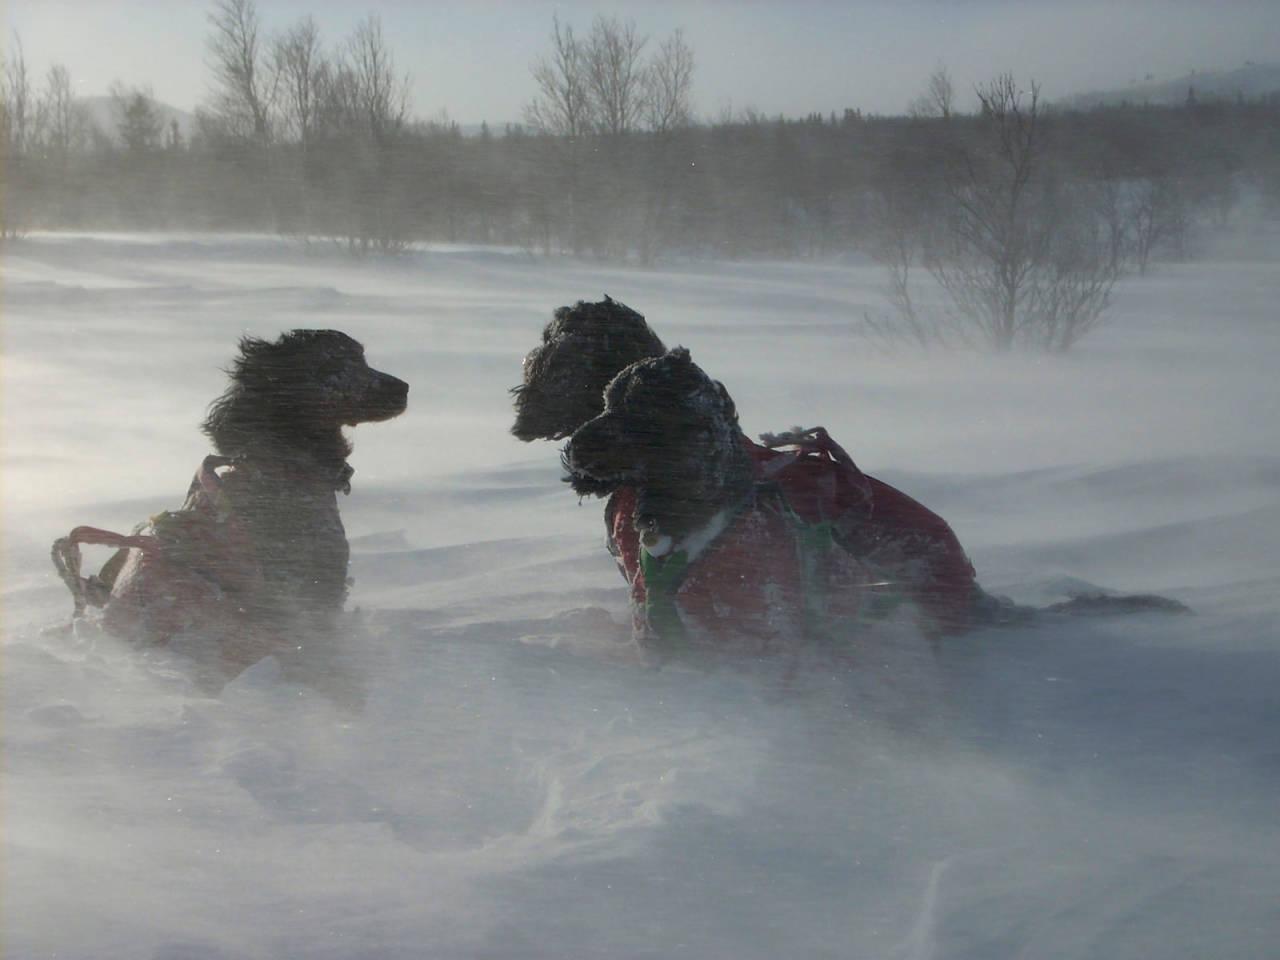 KALDT NOK: Selv om våre jakthunder generelt er robuste, kan vind og kulde raskt virke nedkjølende når hunden ikke lenger er i full aktivitet.